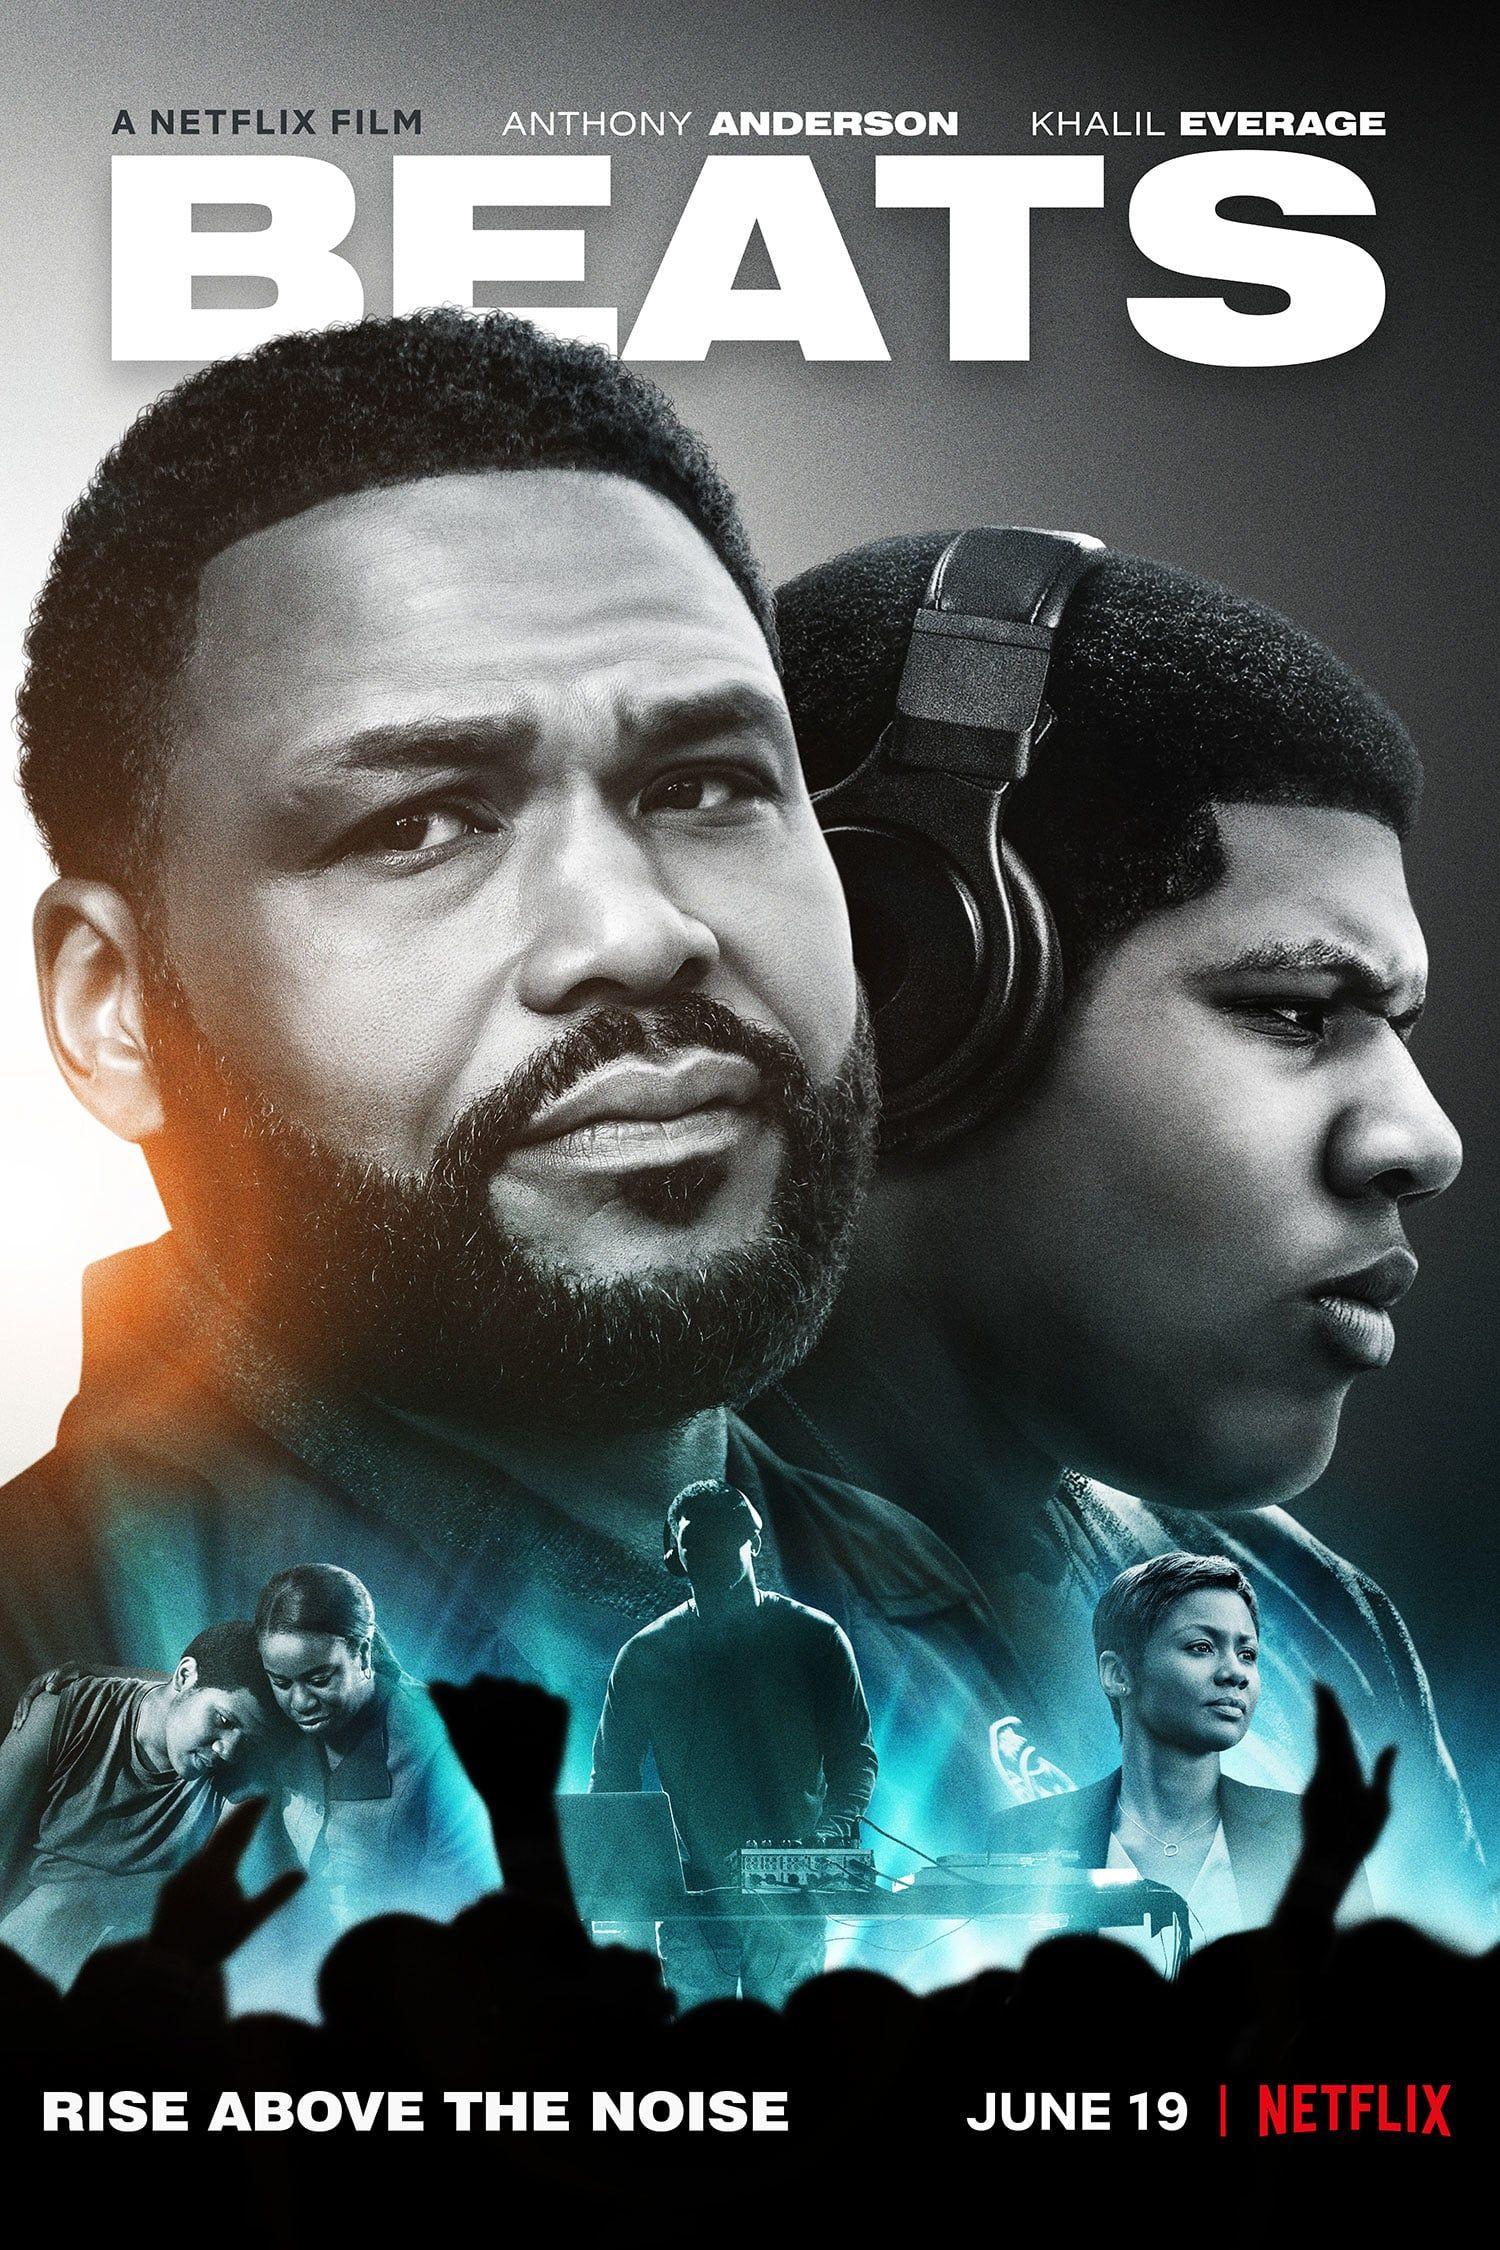 Nedz Beats Teljes Film Online Beats 2019 Movies 2019 Full Movies Good Movies